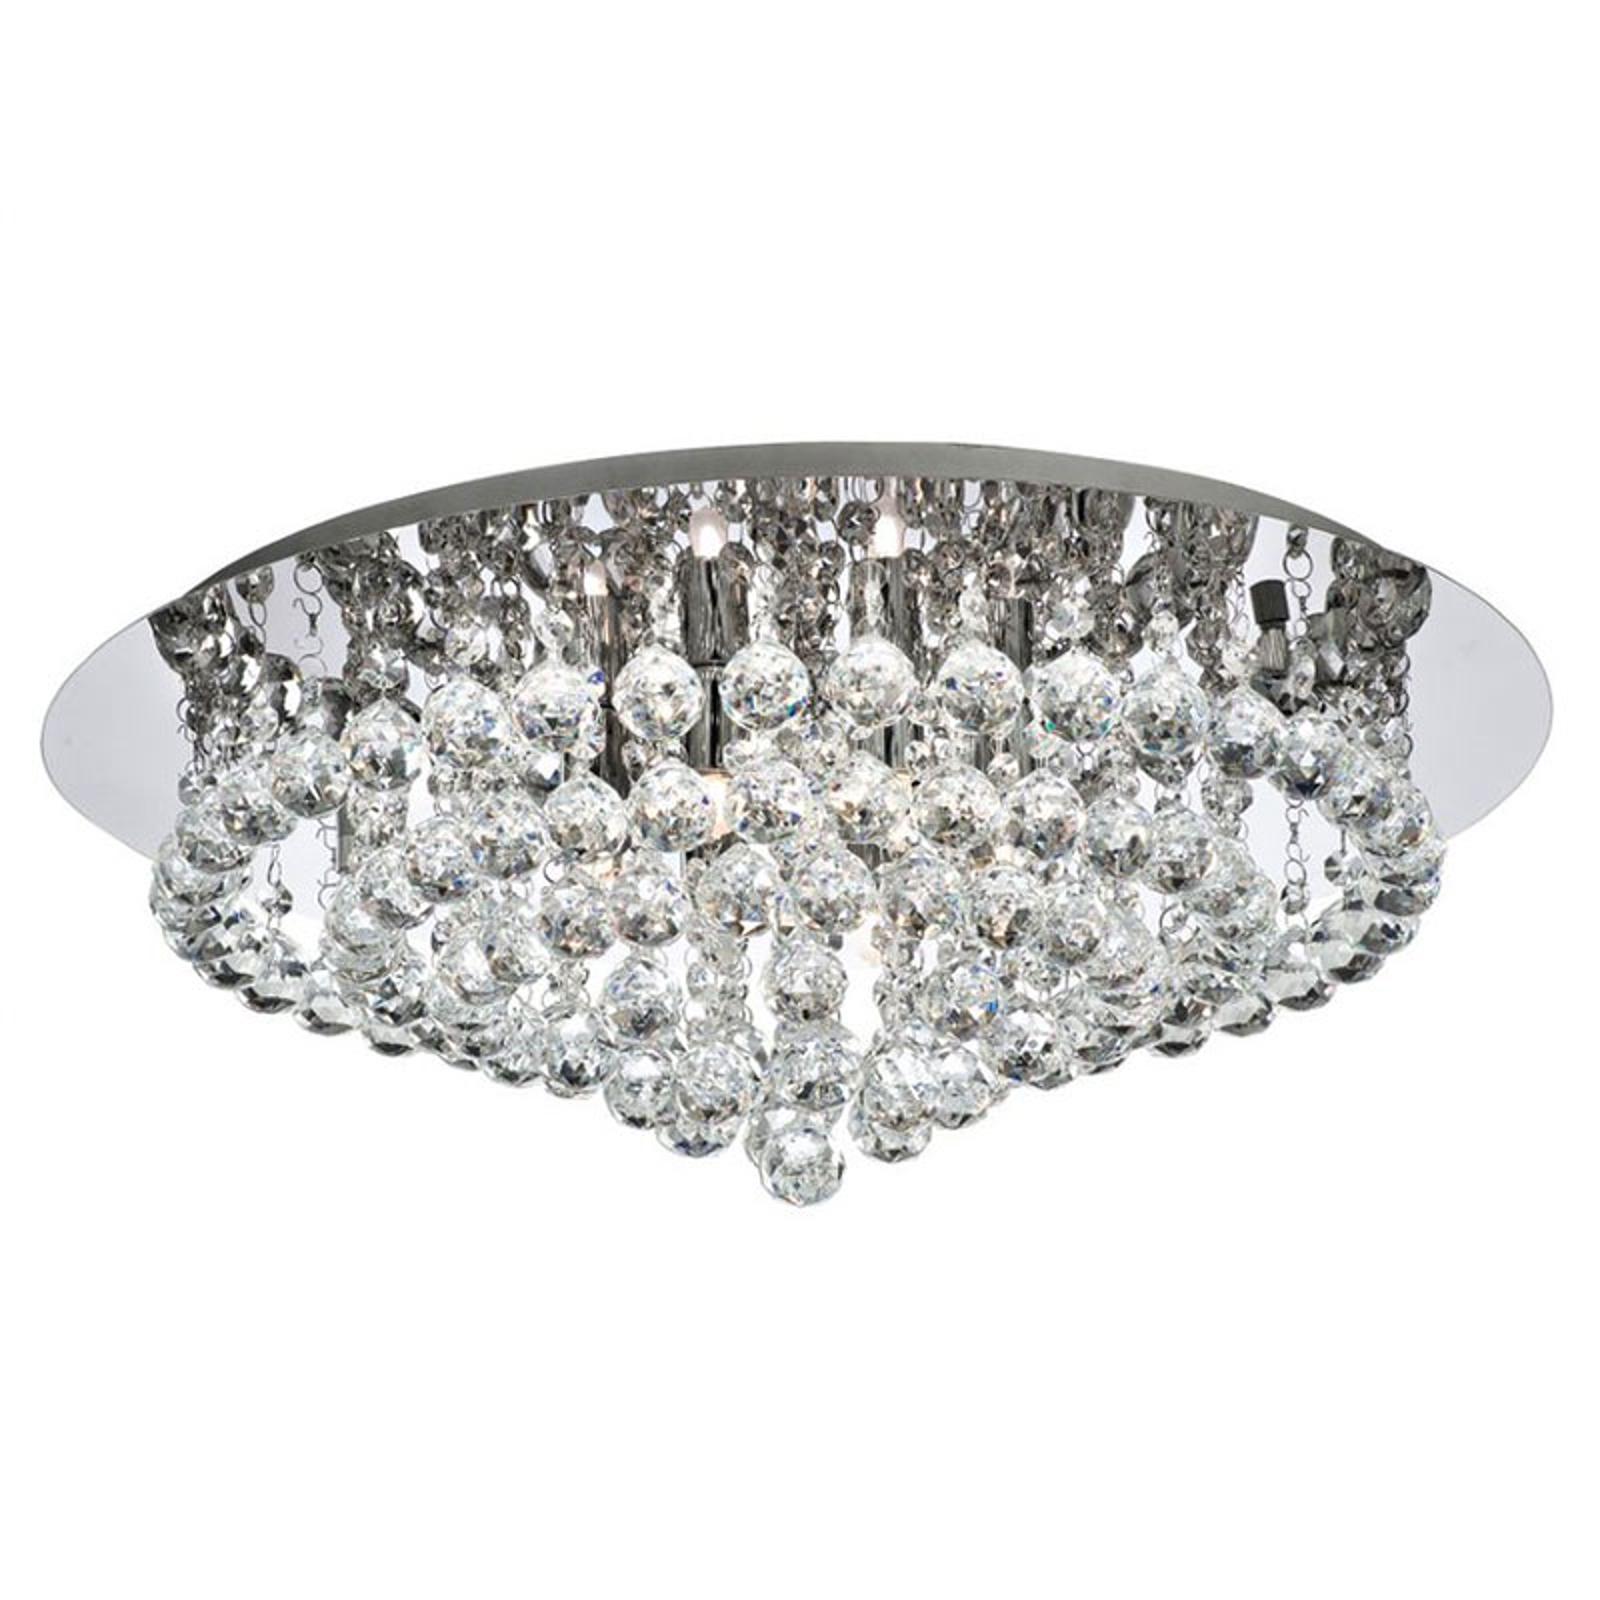 Lampa sufitowa Hanna chrom kryształowe kule 55cm